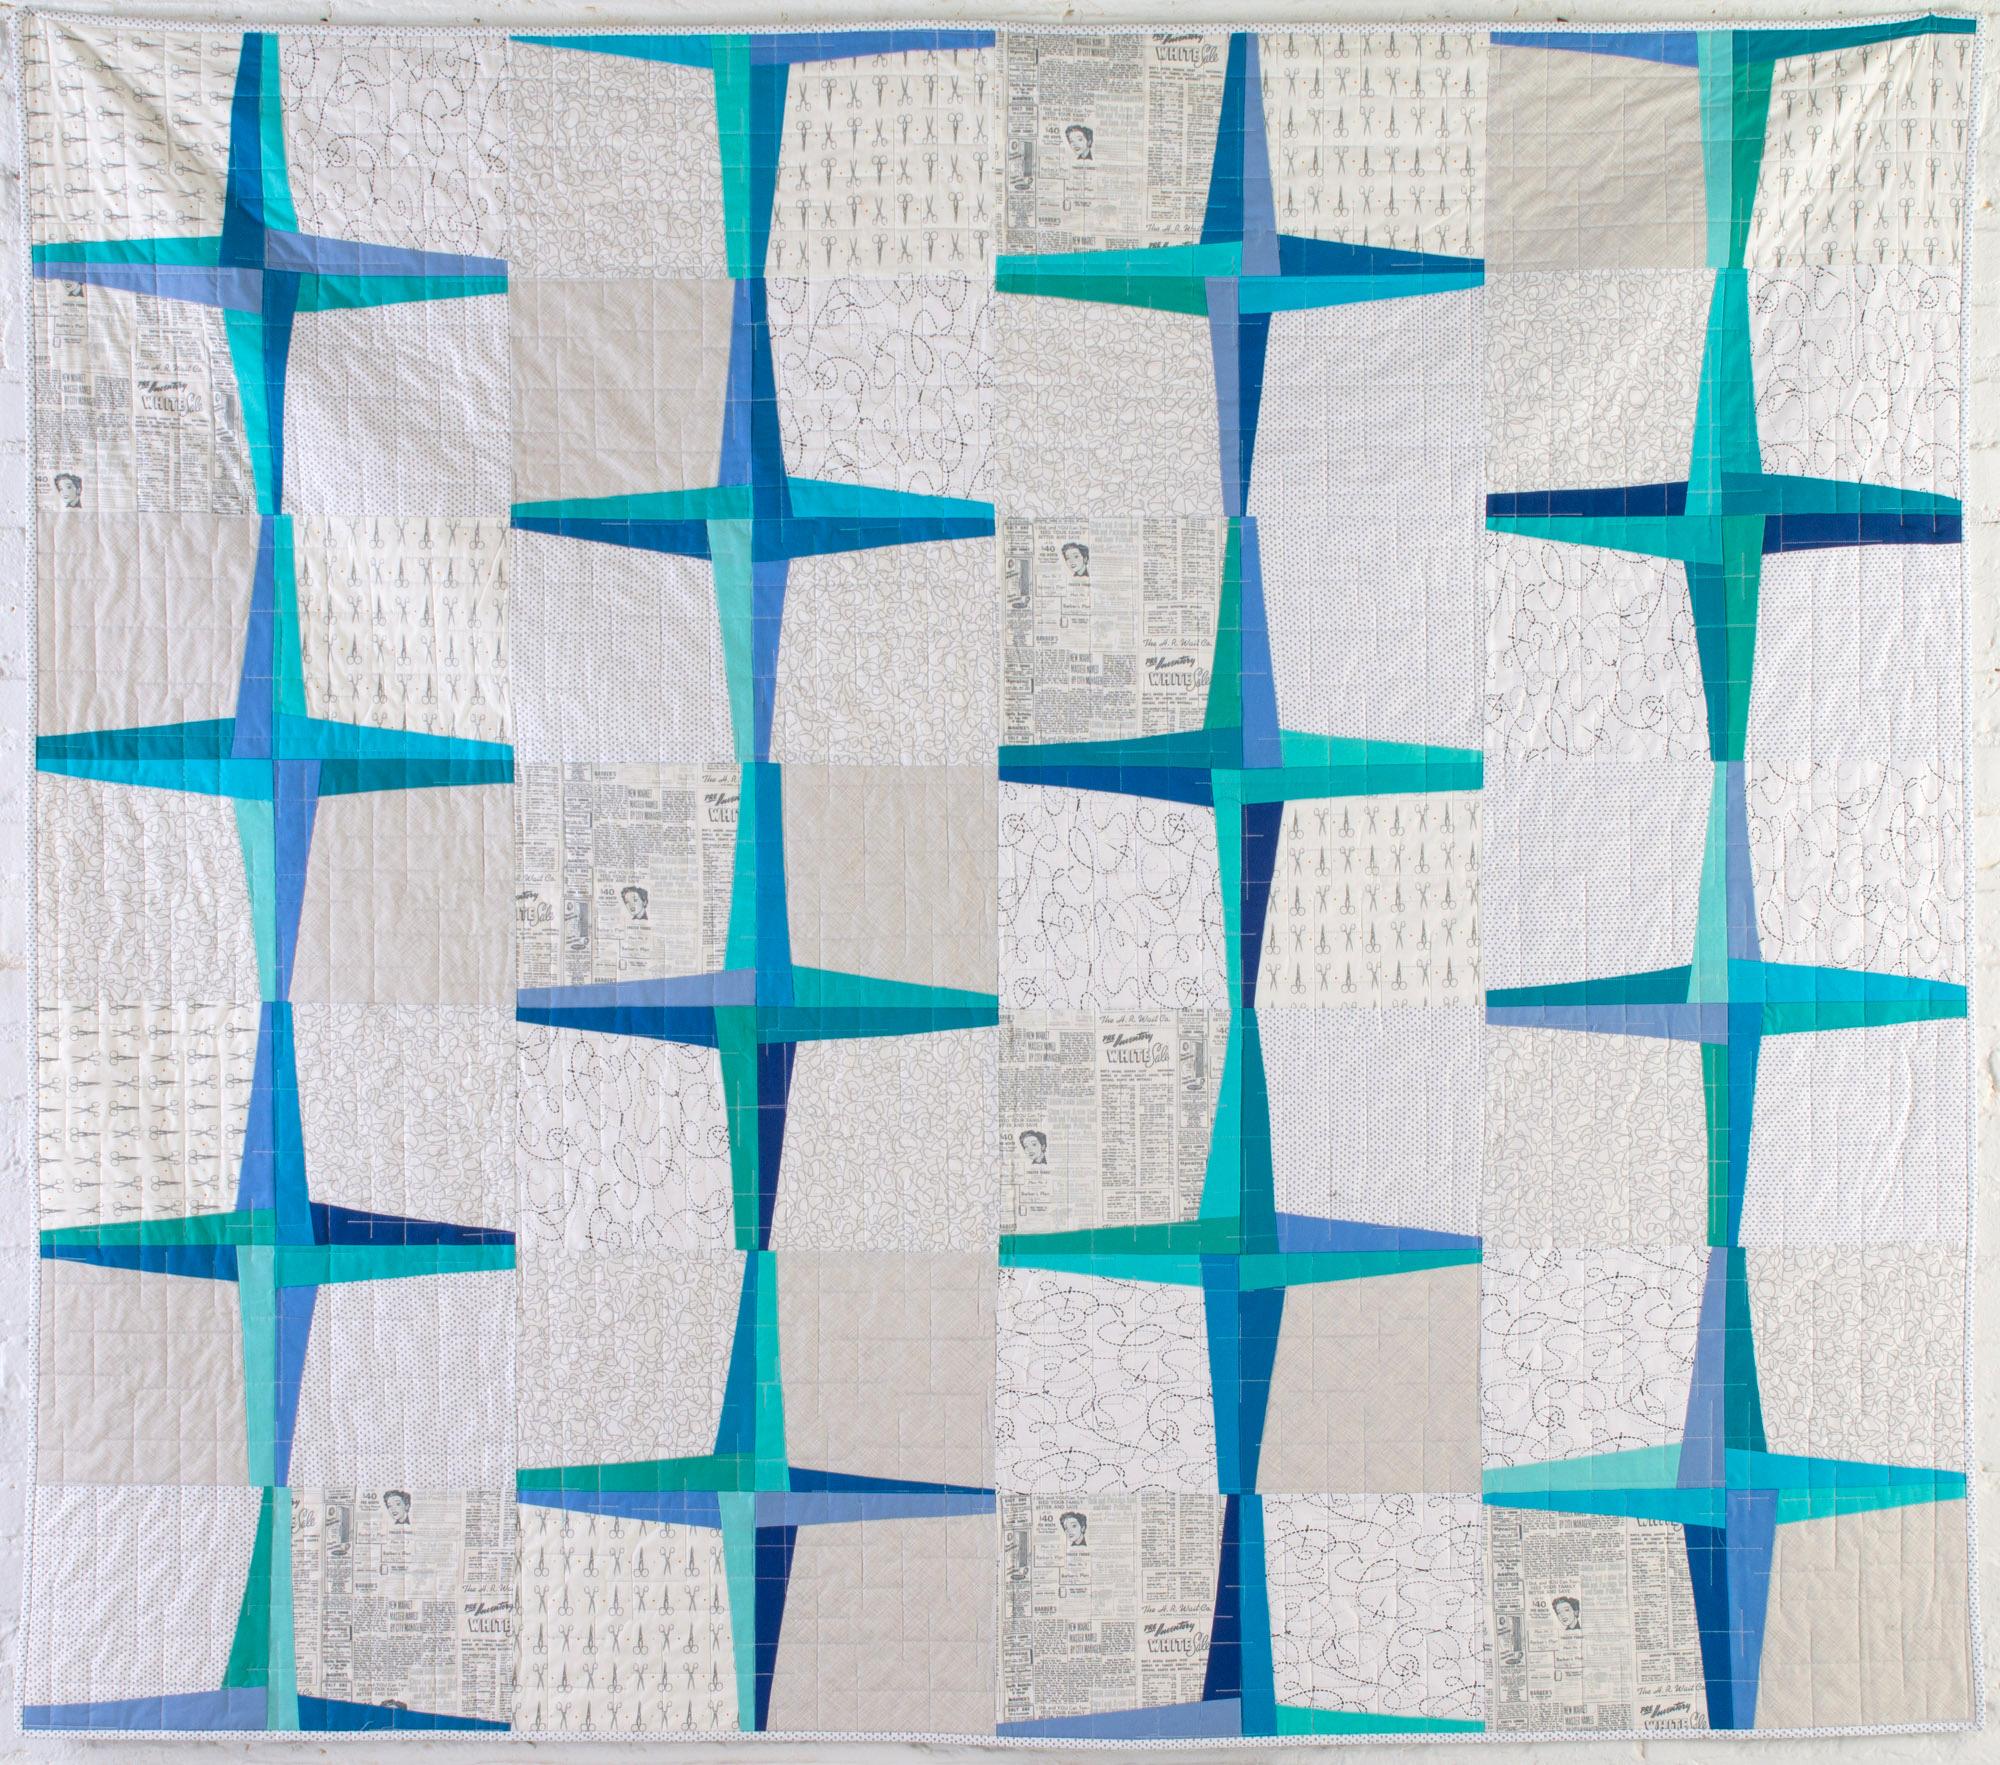 Turquoise Cross's